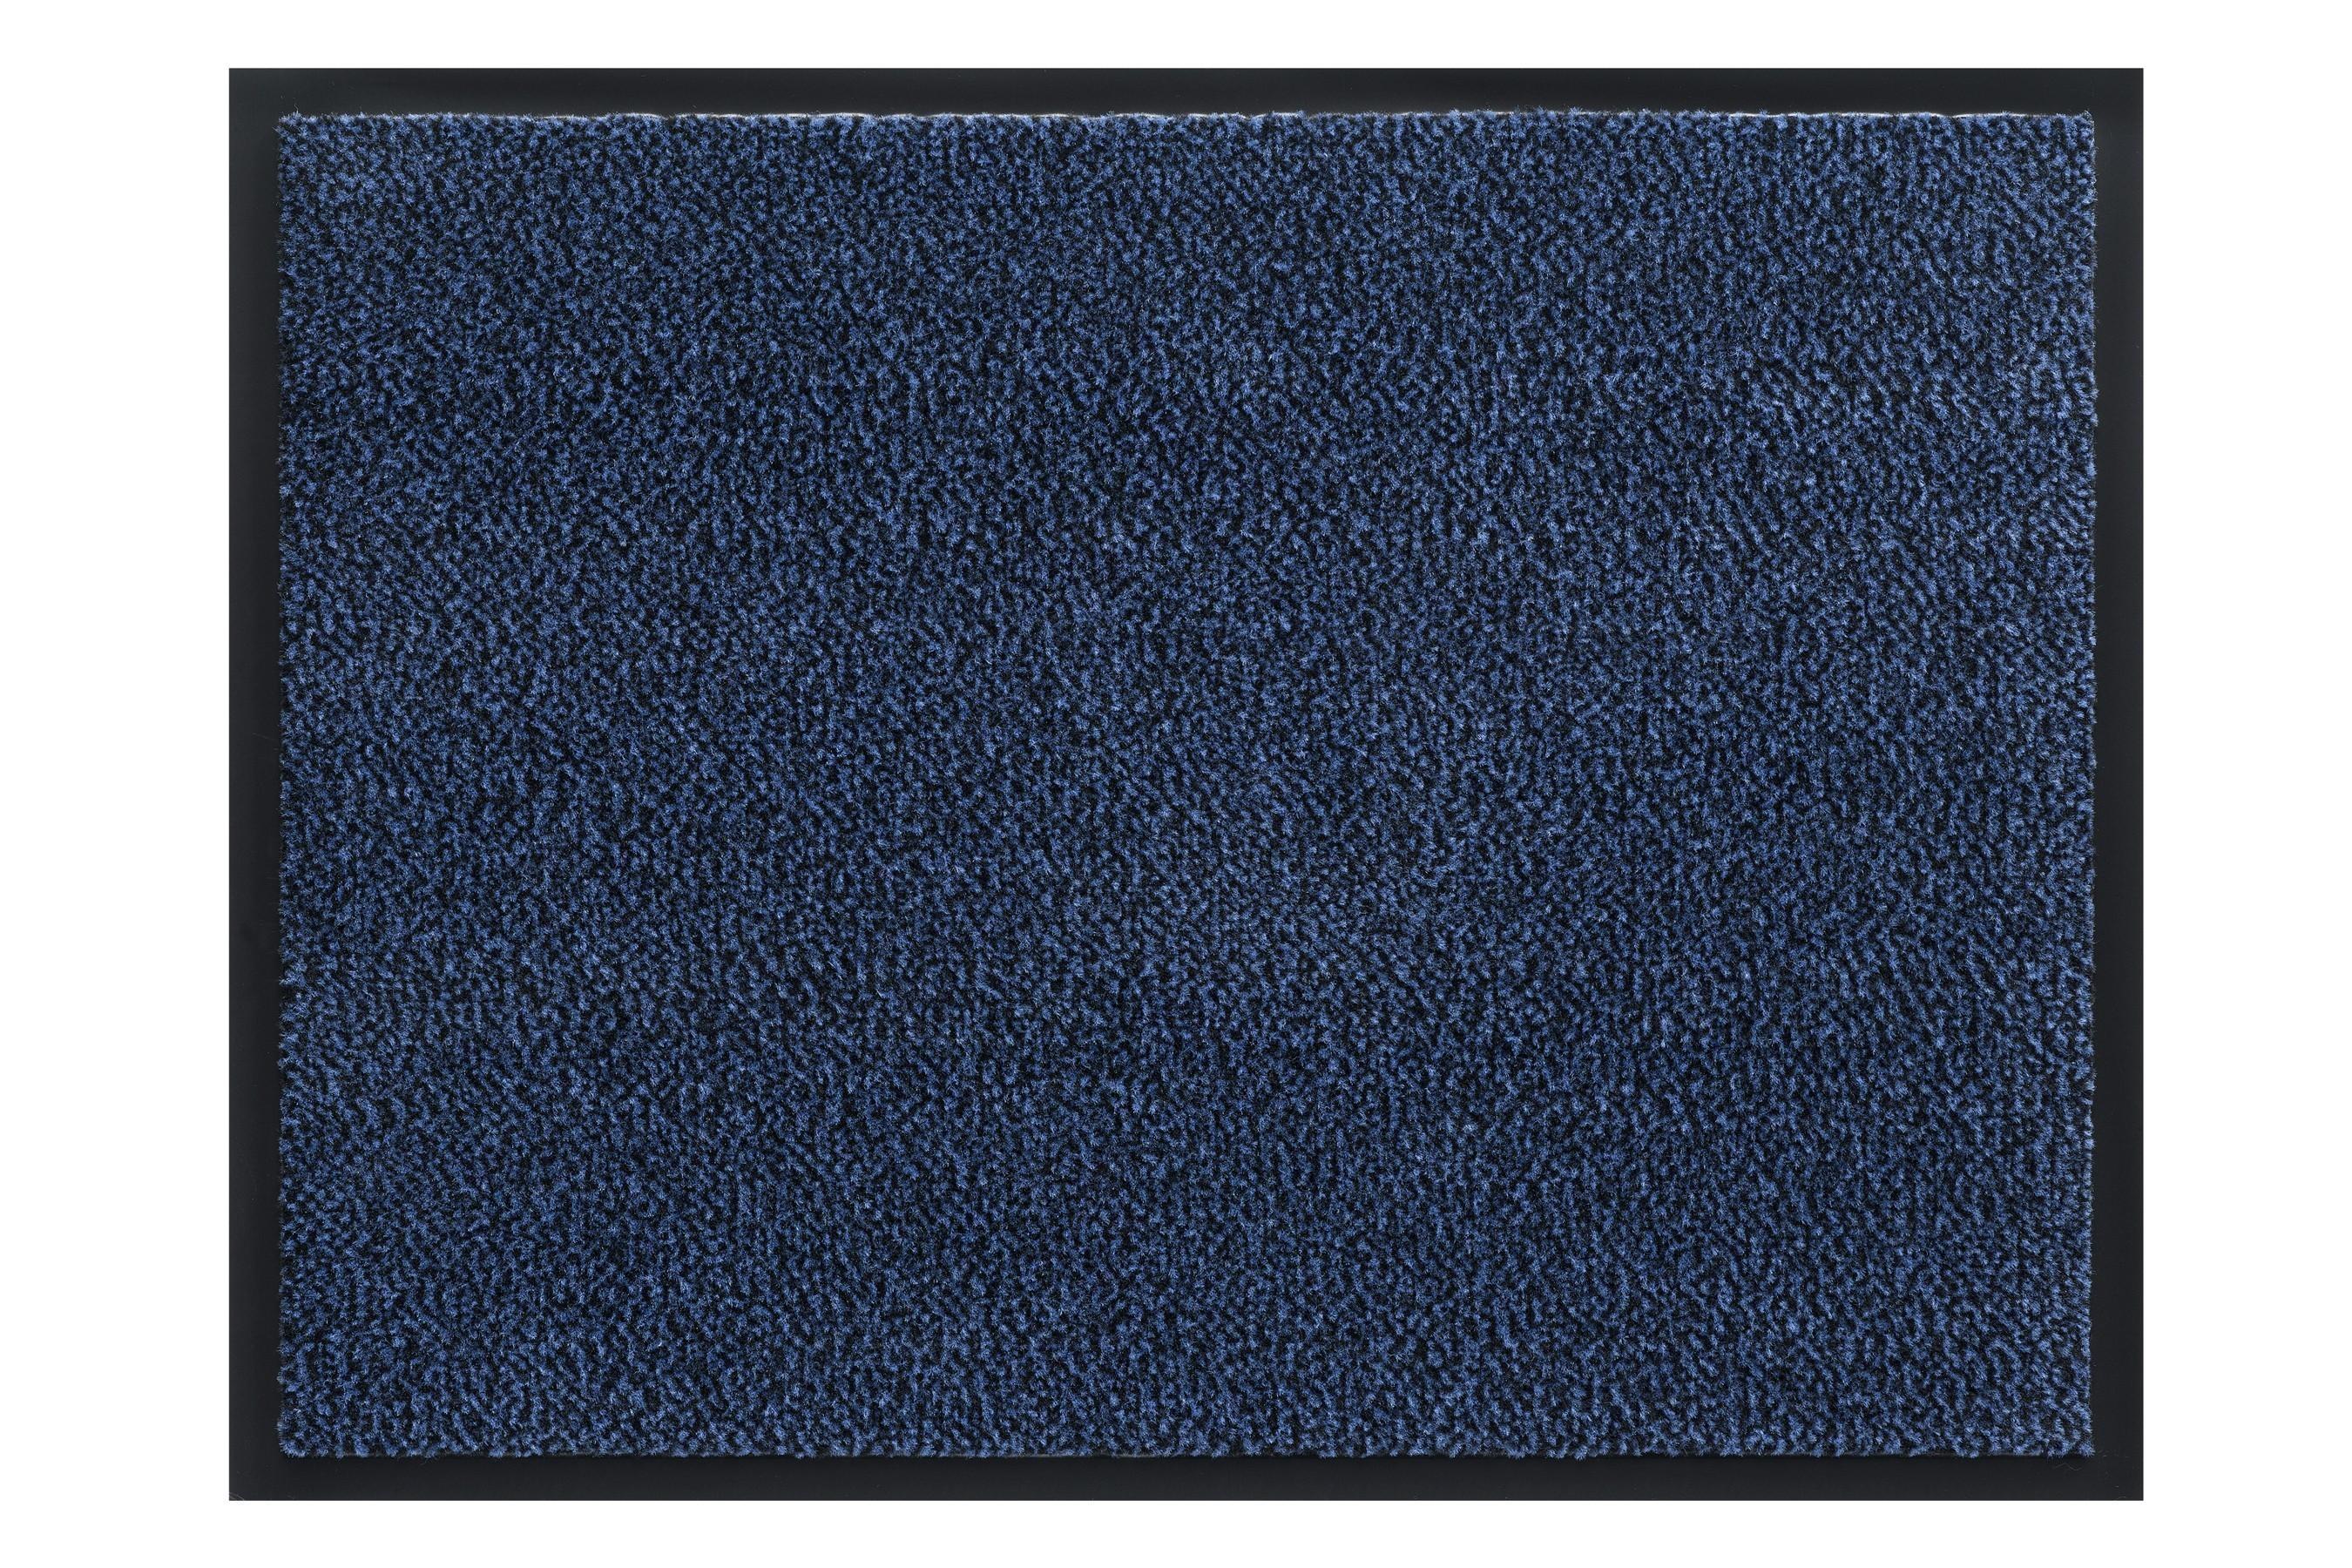 Hamat Schmutzfangmatte Mars 80x120cm blue Bild 1